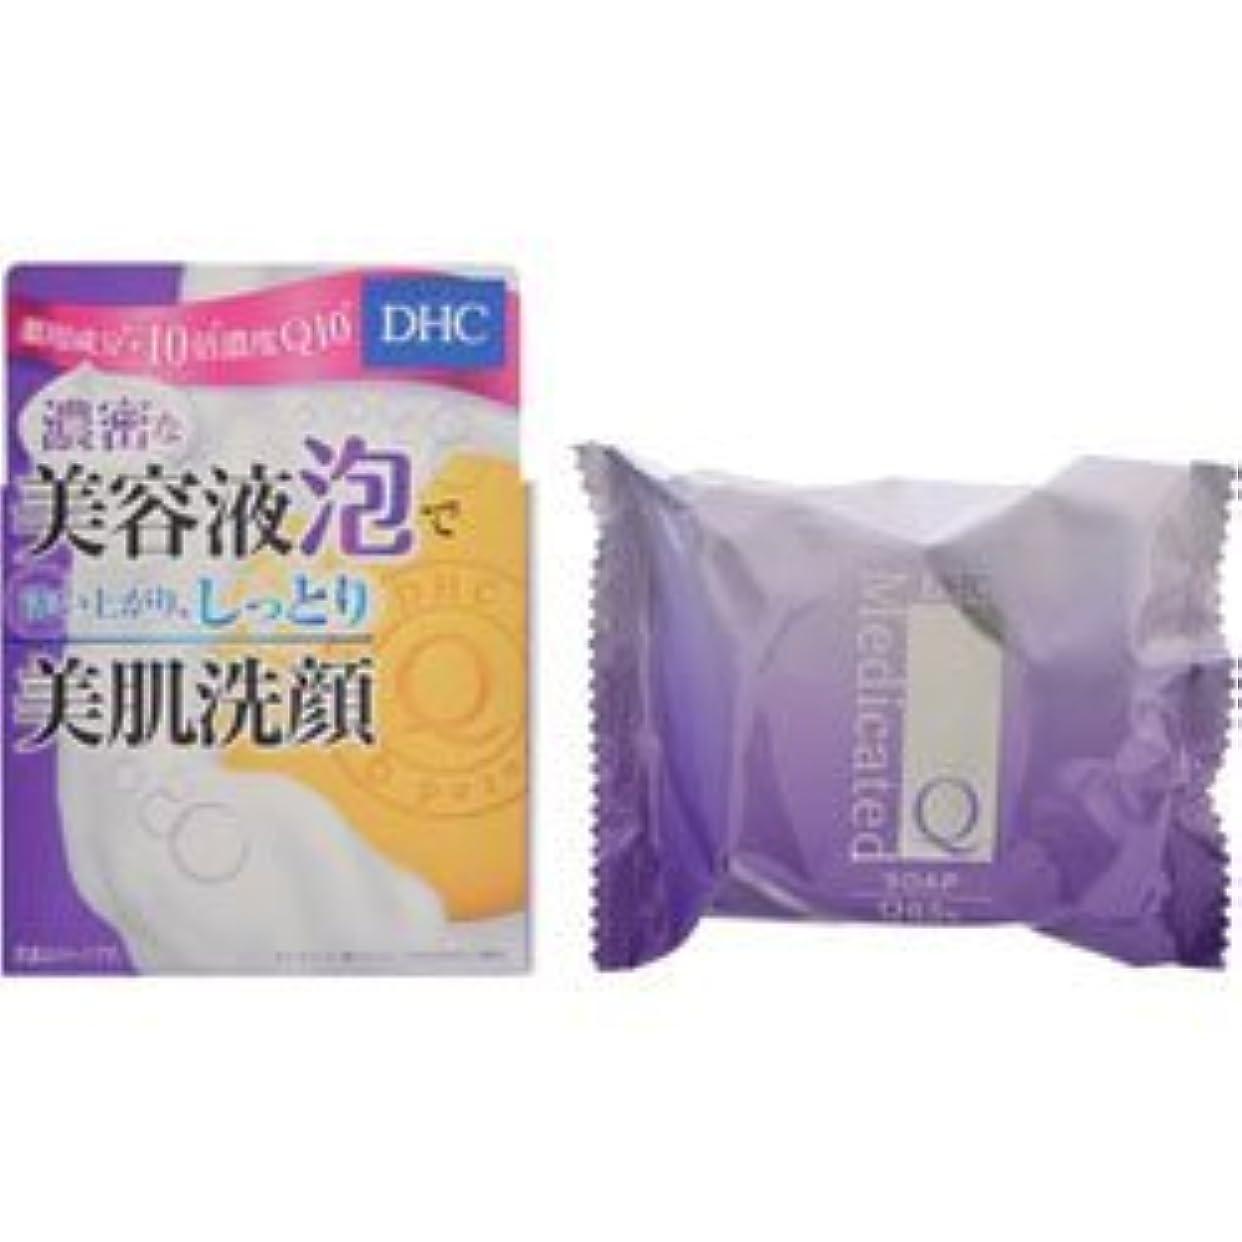 マオリ幹フォーク【DHC】DHC 薬用Qソープ SS 60g ×5個セット